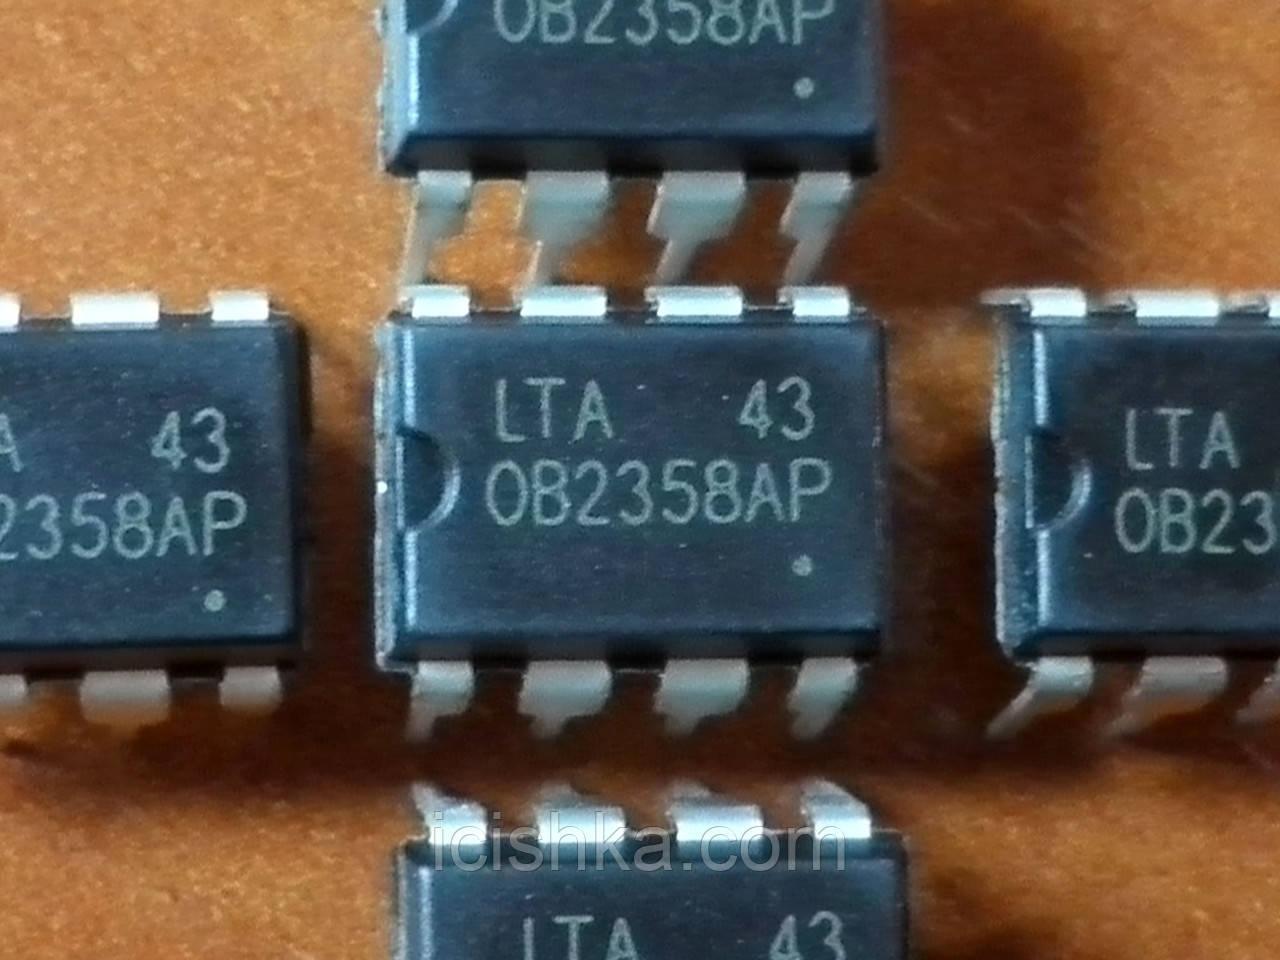 OB2358AP DIP8 - ШИМ контроллер для ИБП